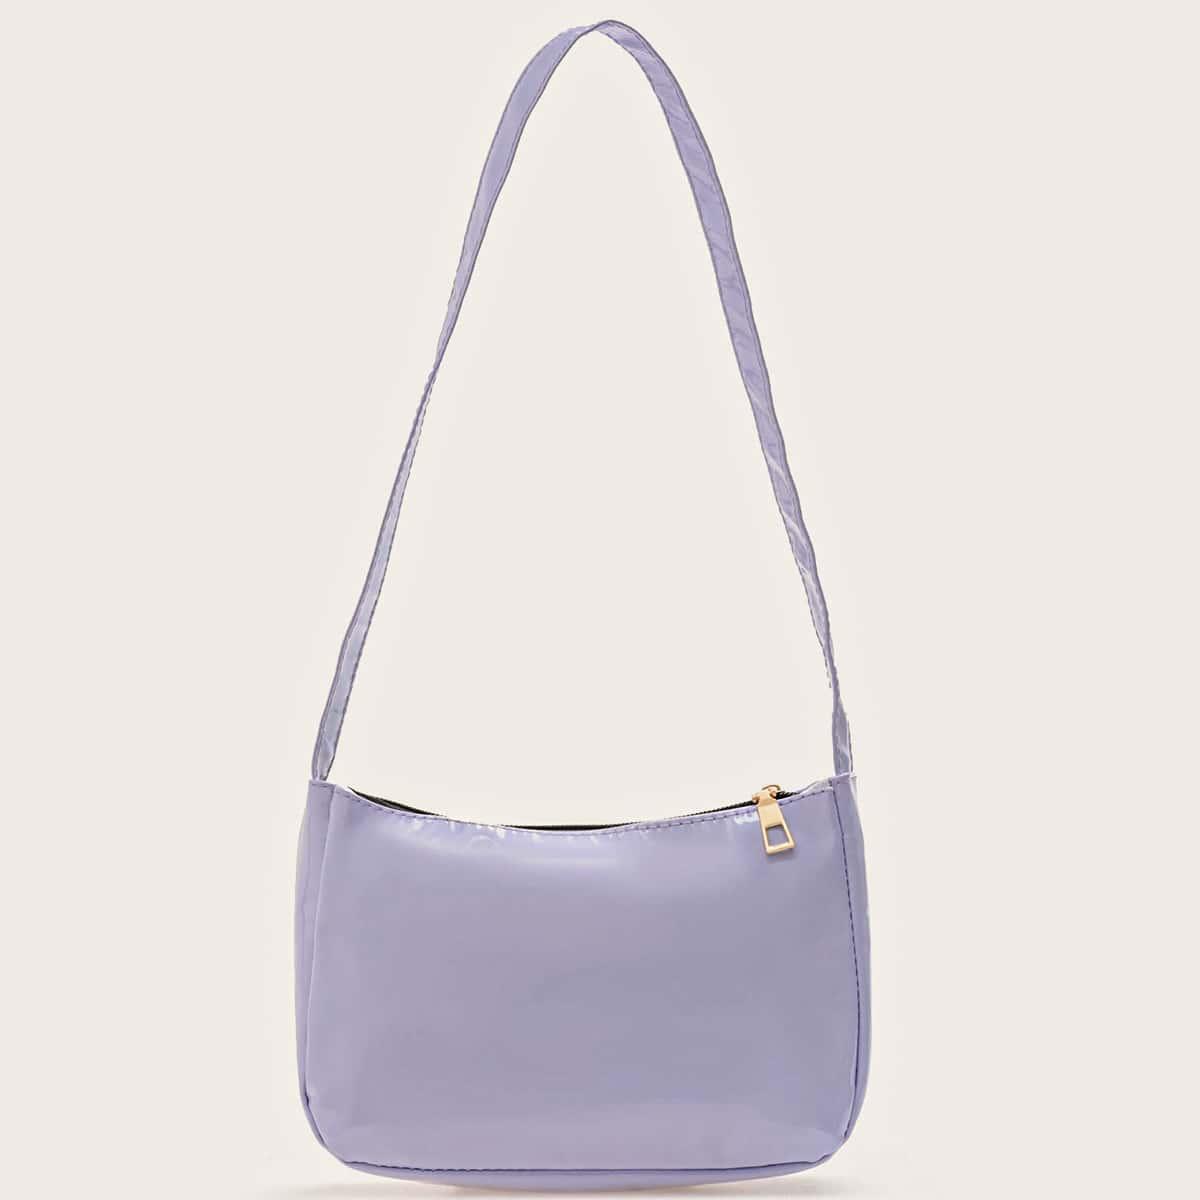 Минималистичная лакированная сумка через плечо